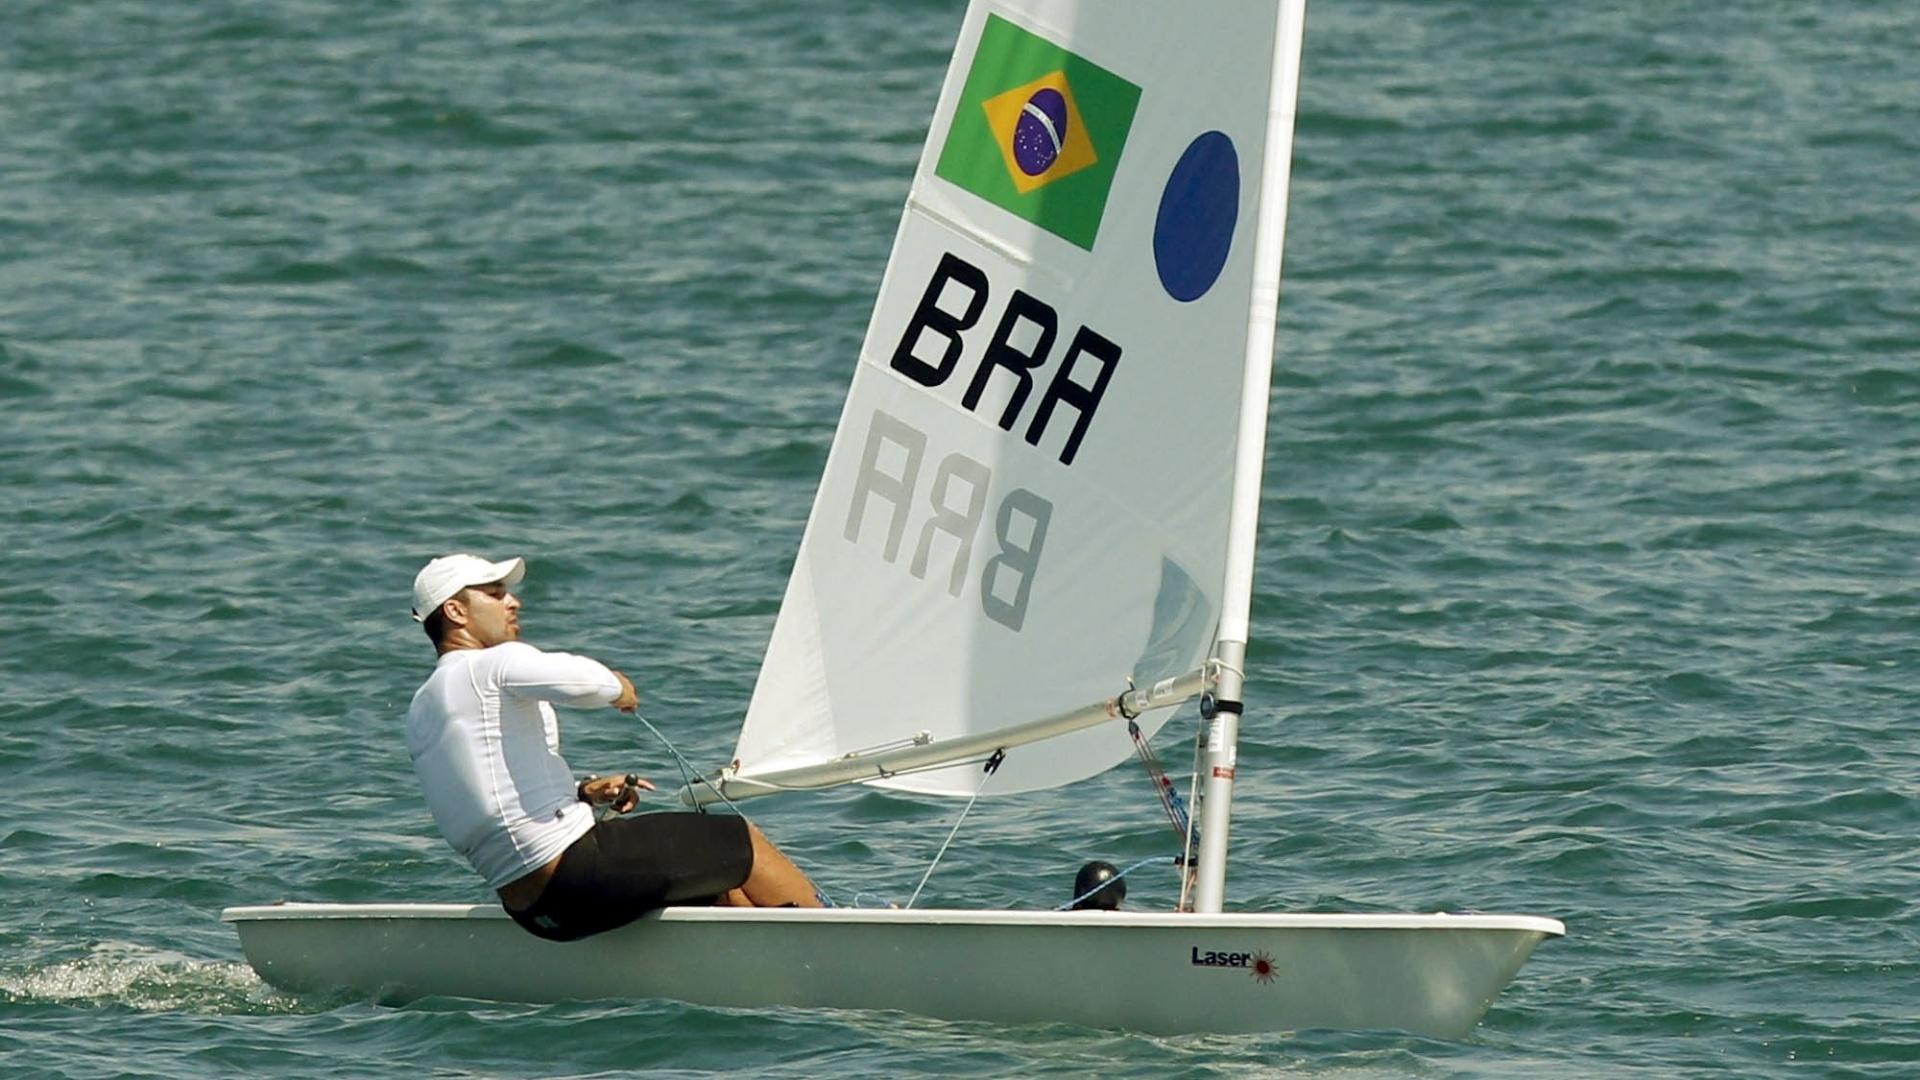 Bruno da Silva fecha segundo dia na terceira colocação da classe Laser da vela após quatro regatas (18/10/2011)